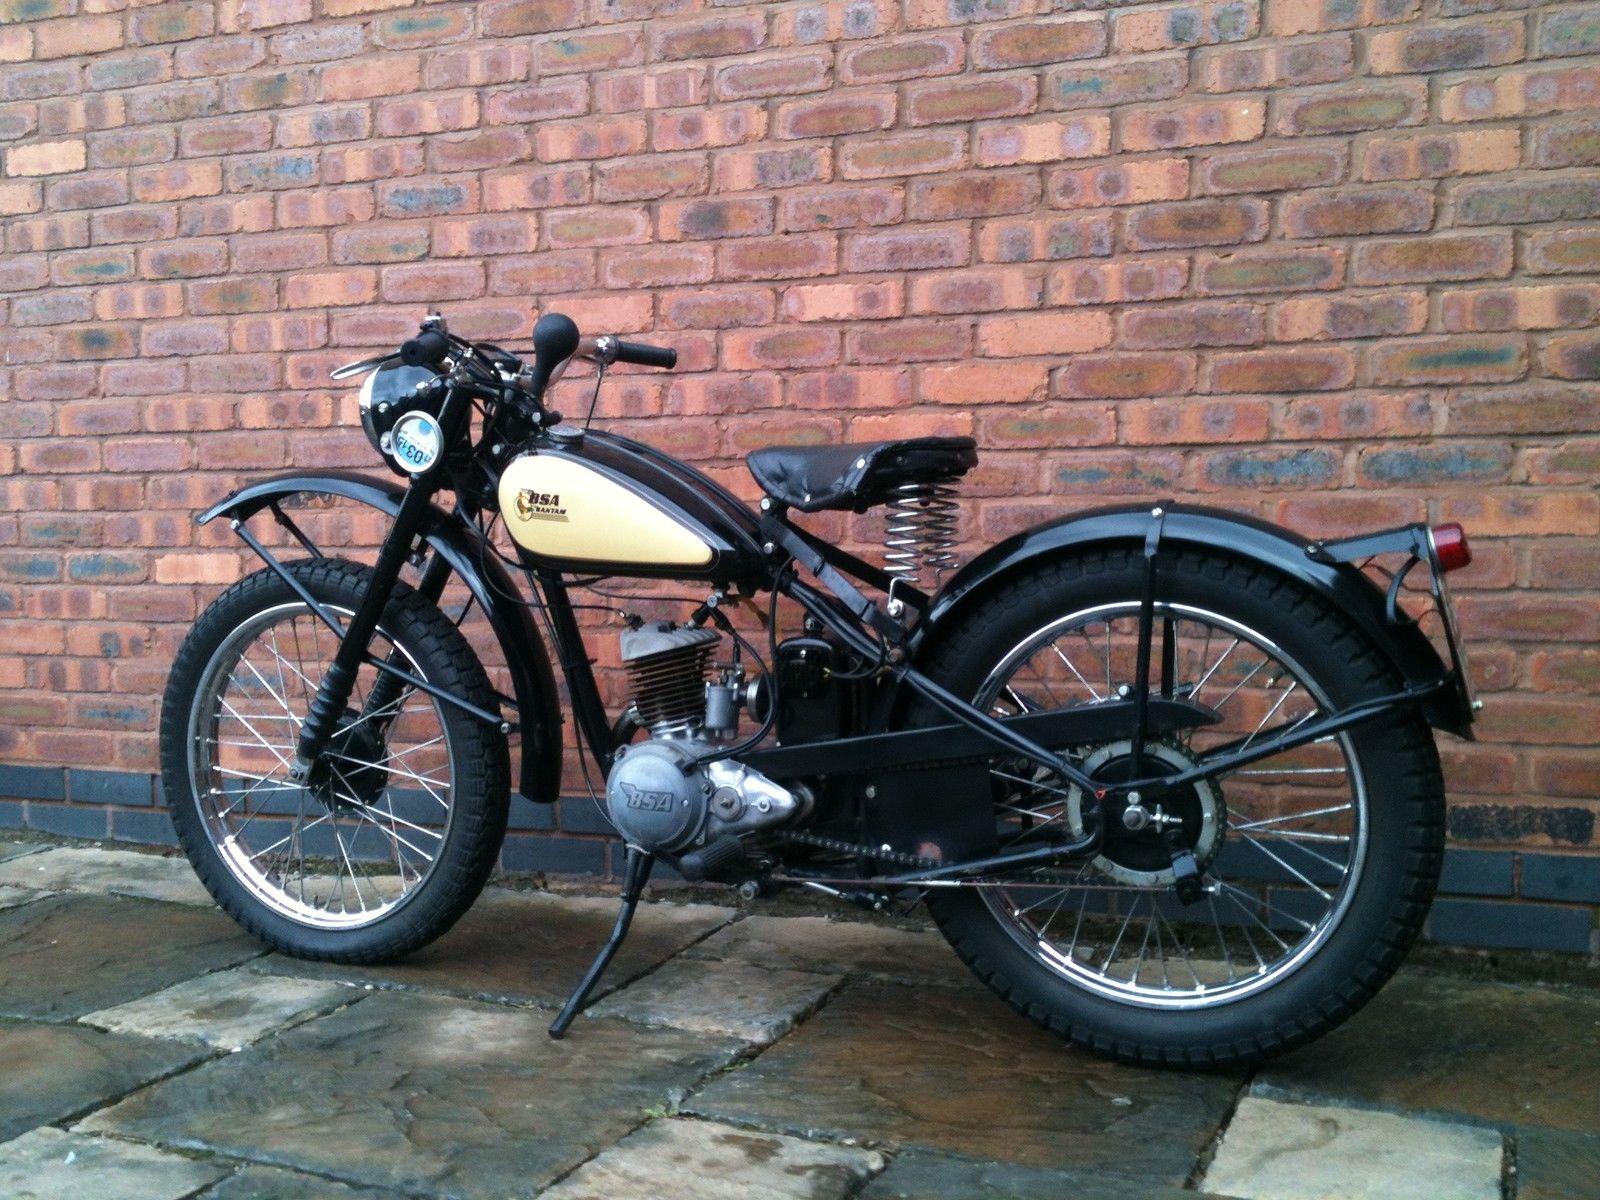 1951 bsa bantam d1 rigid 125cc in trials trim v5c taxed. Black Bedroom Furniture Sets. Home Design Ideas